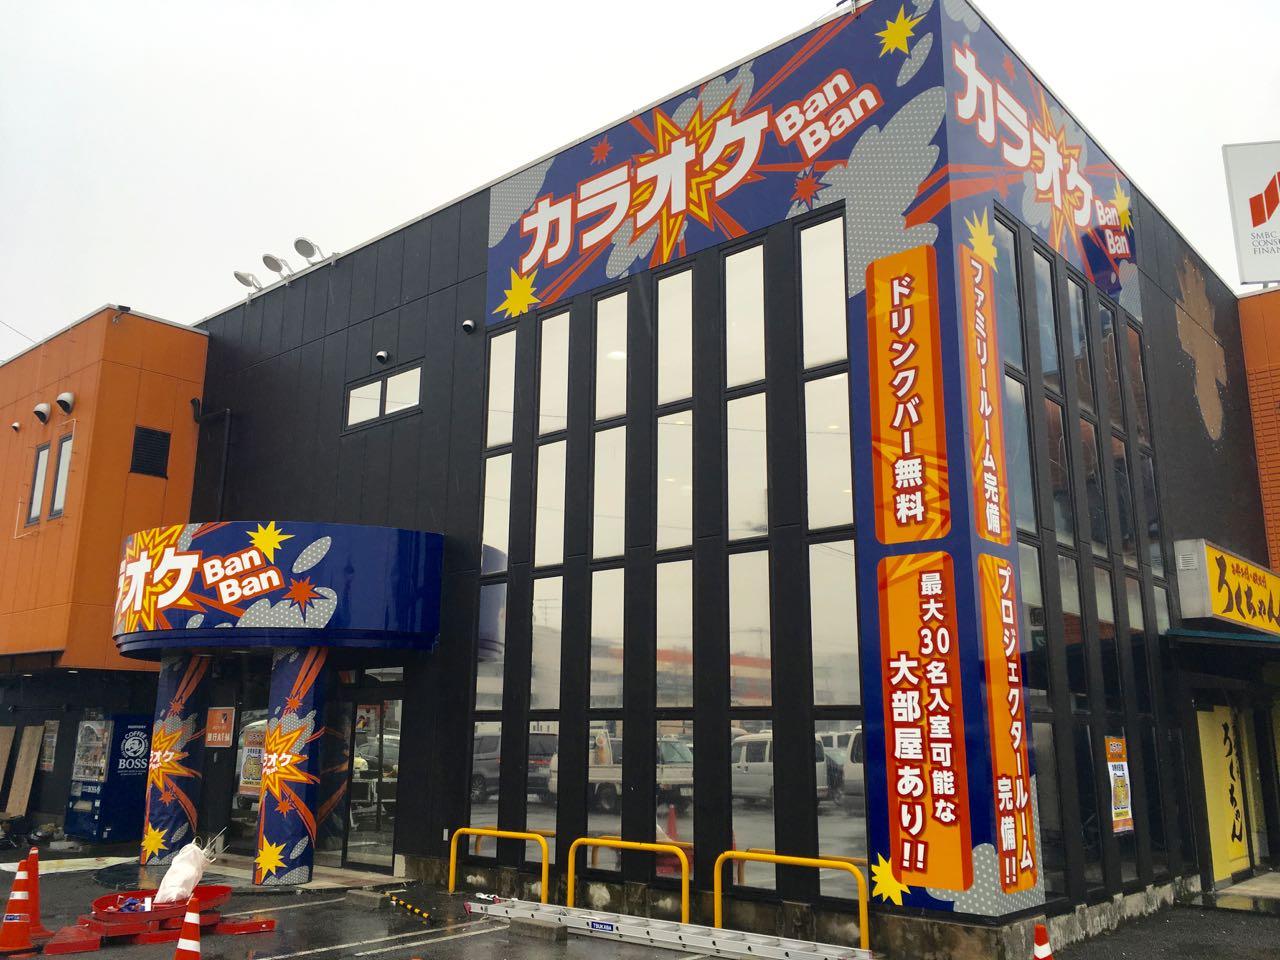 ehime,imabari,みとん今治,アミューズメント,カラオケ,カラオケBanBan,今治,愛媛,新店オープン